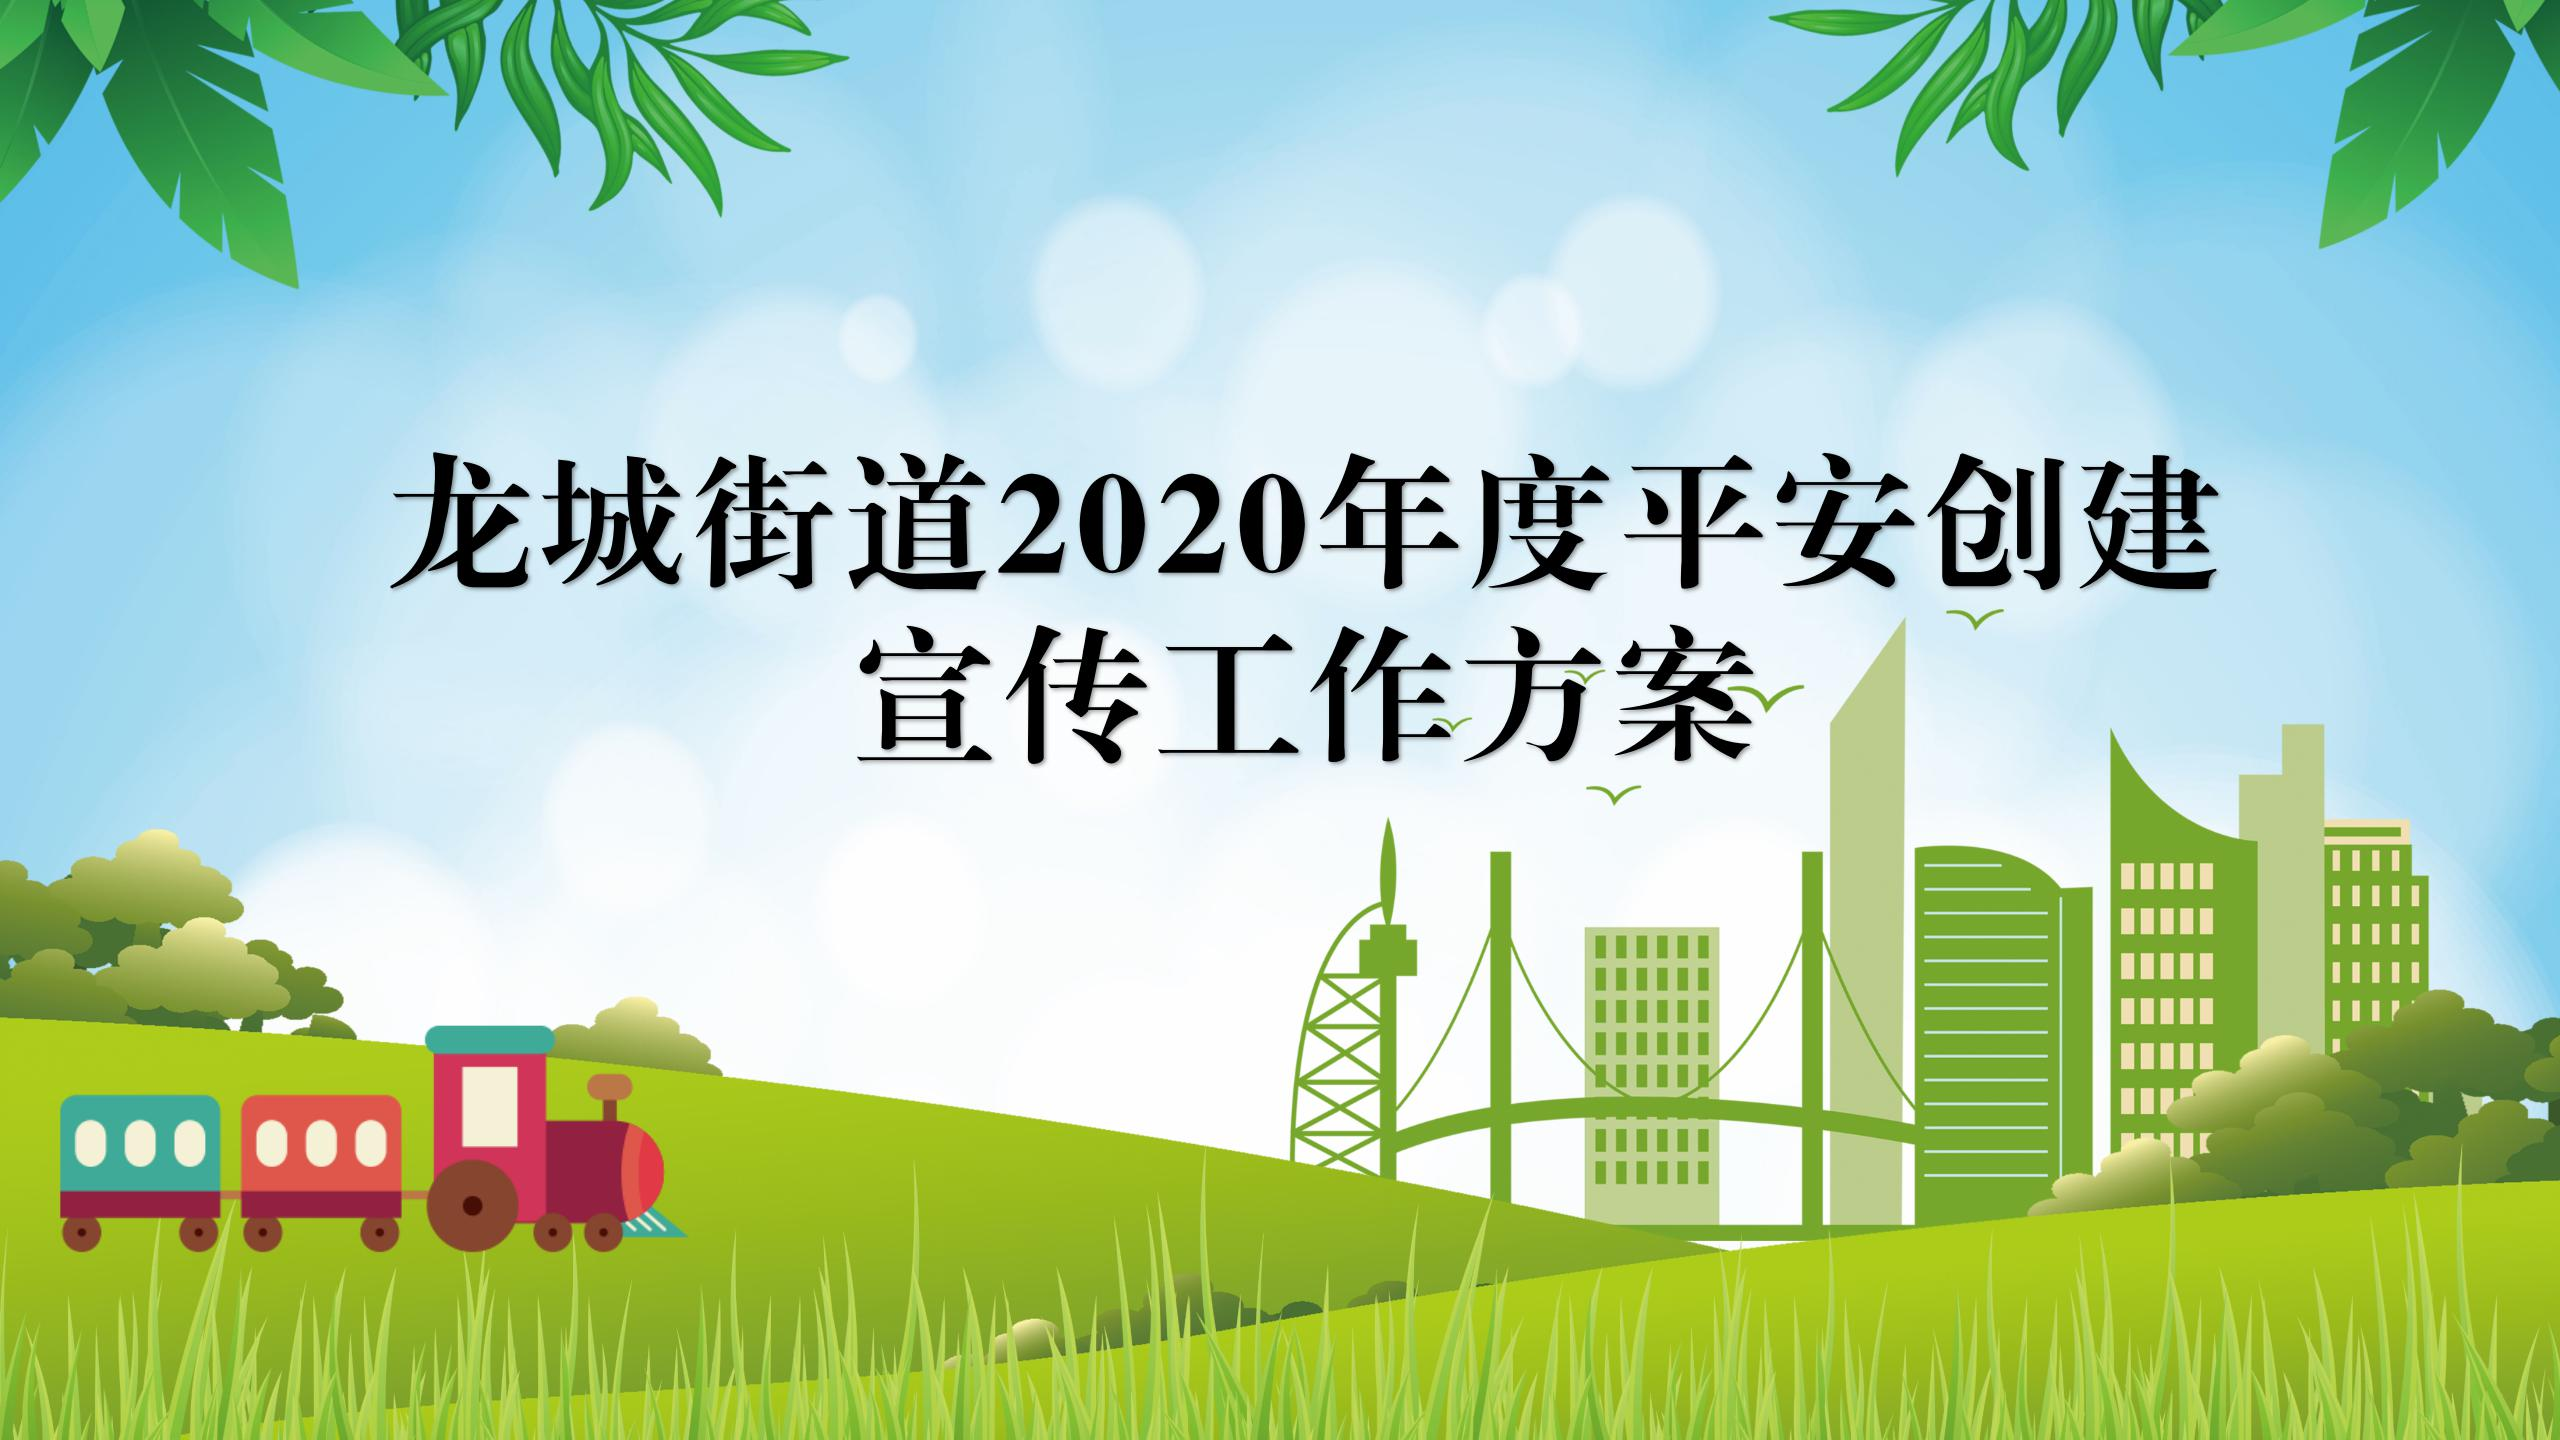 龙城街道2020年度平安创建宣传工作方案_01.jpg